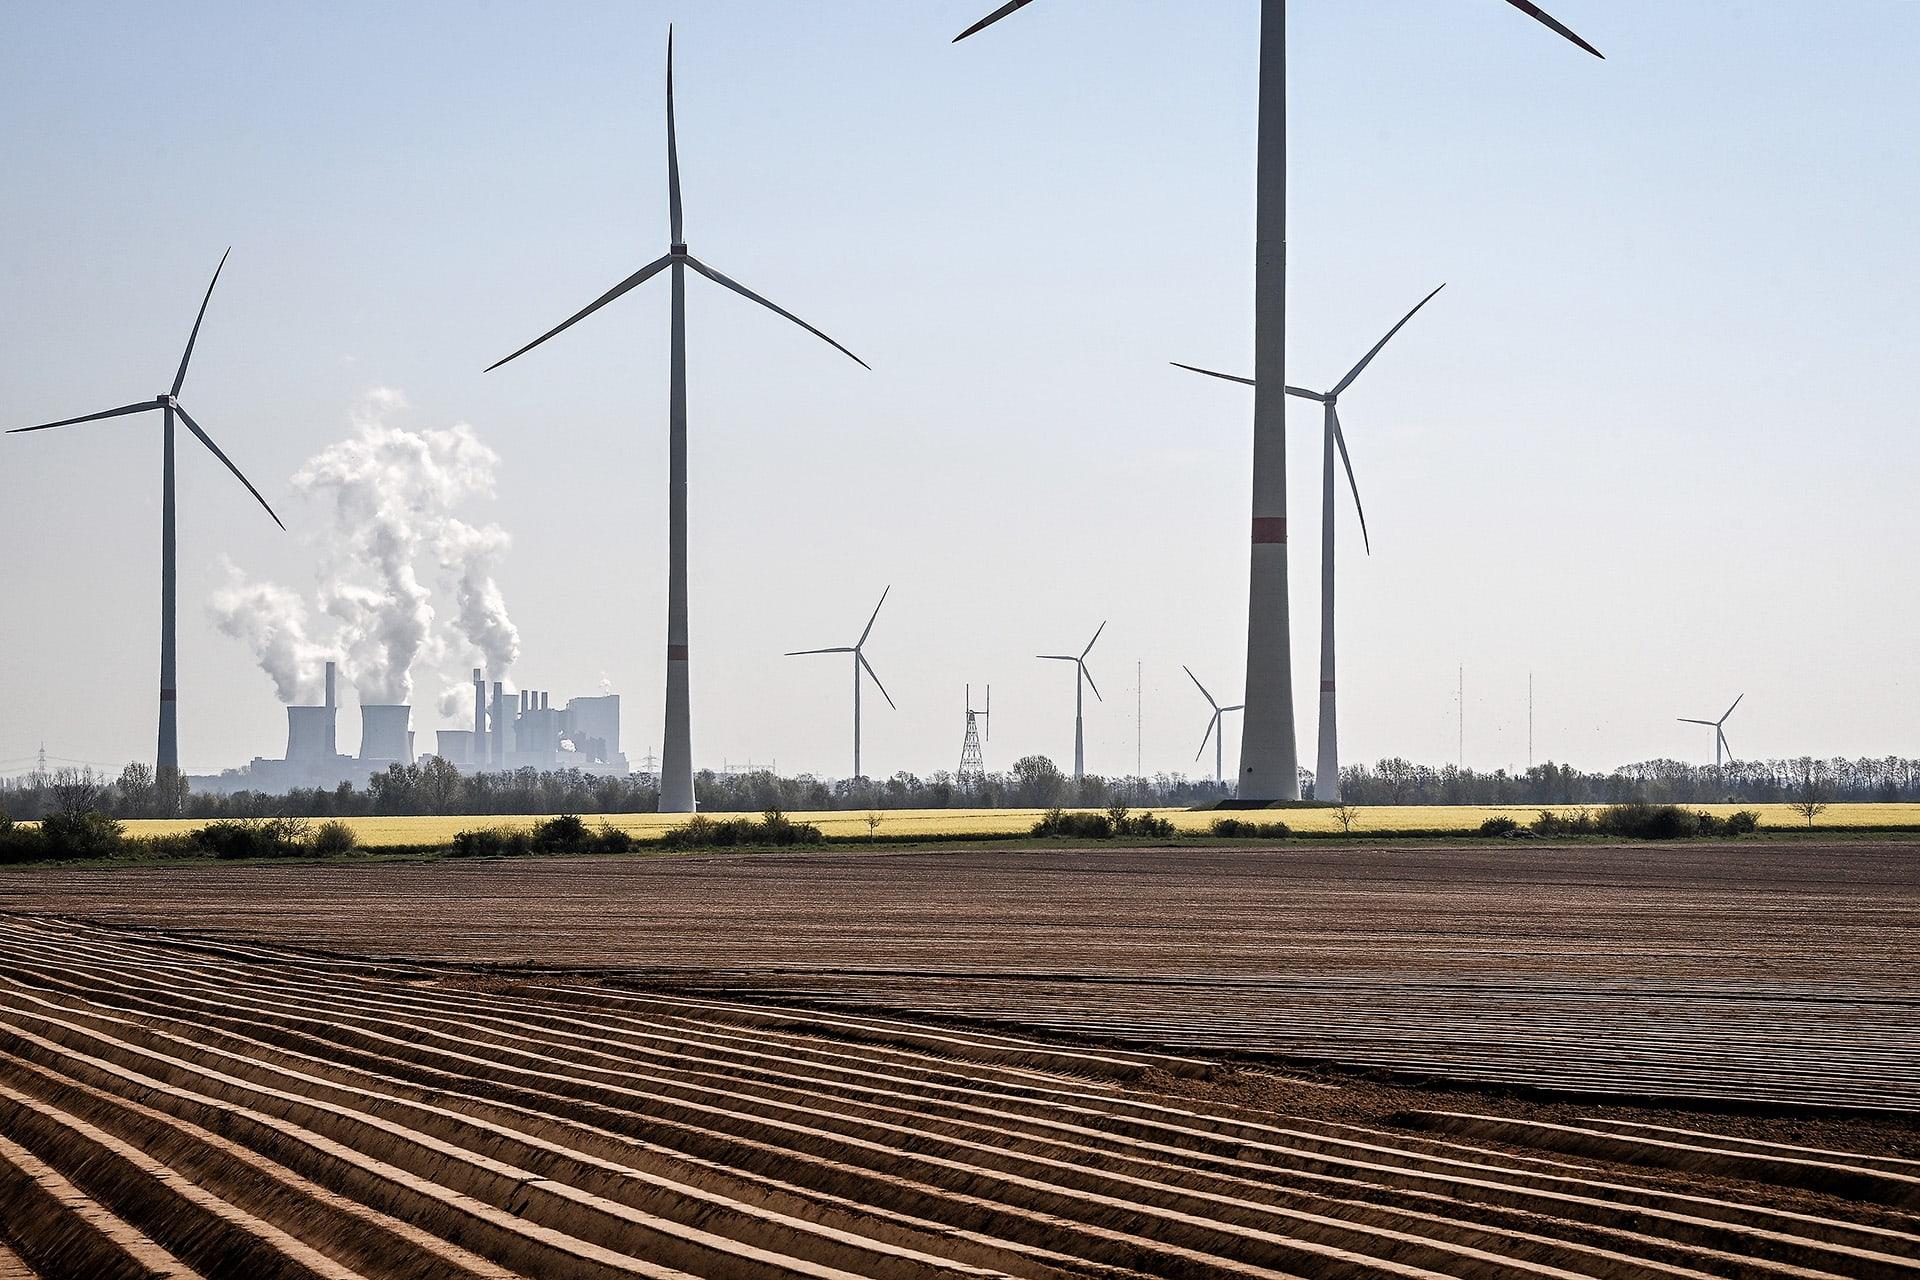 Hiilivoimala ja tuulivoimaloita Neurathissa Saksassa.